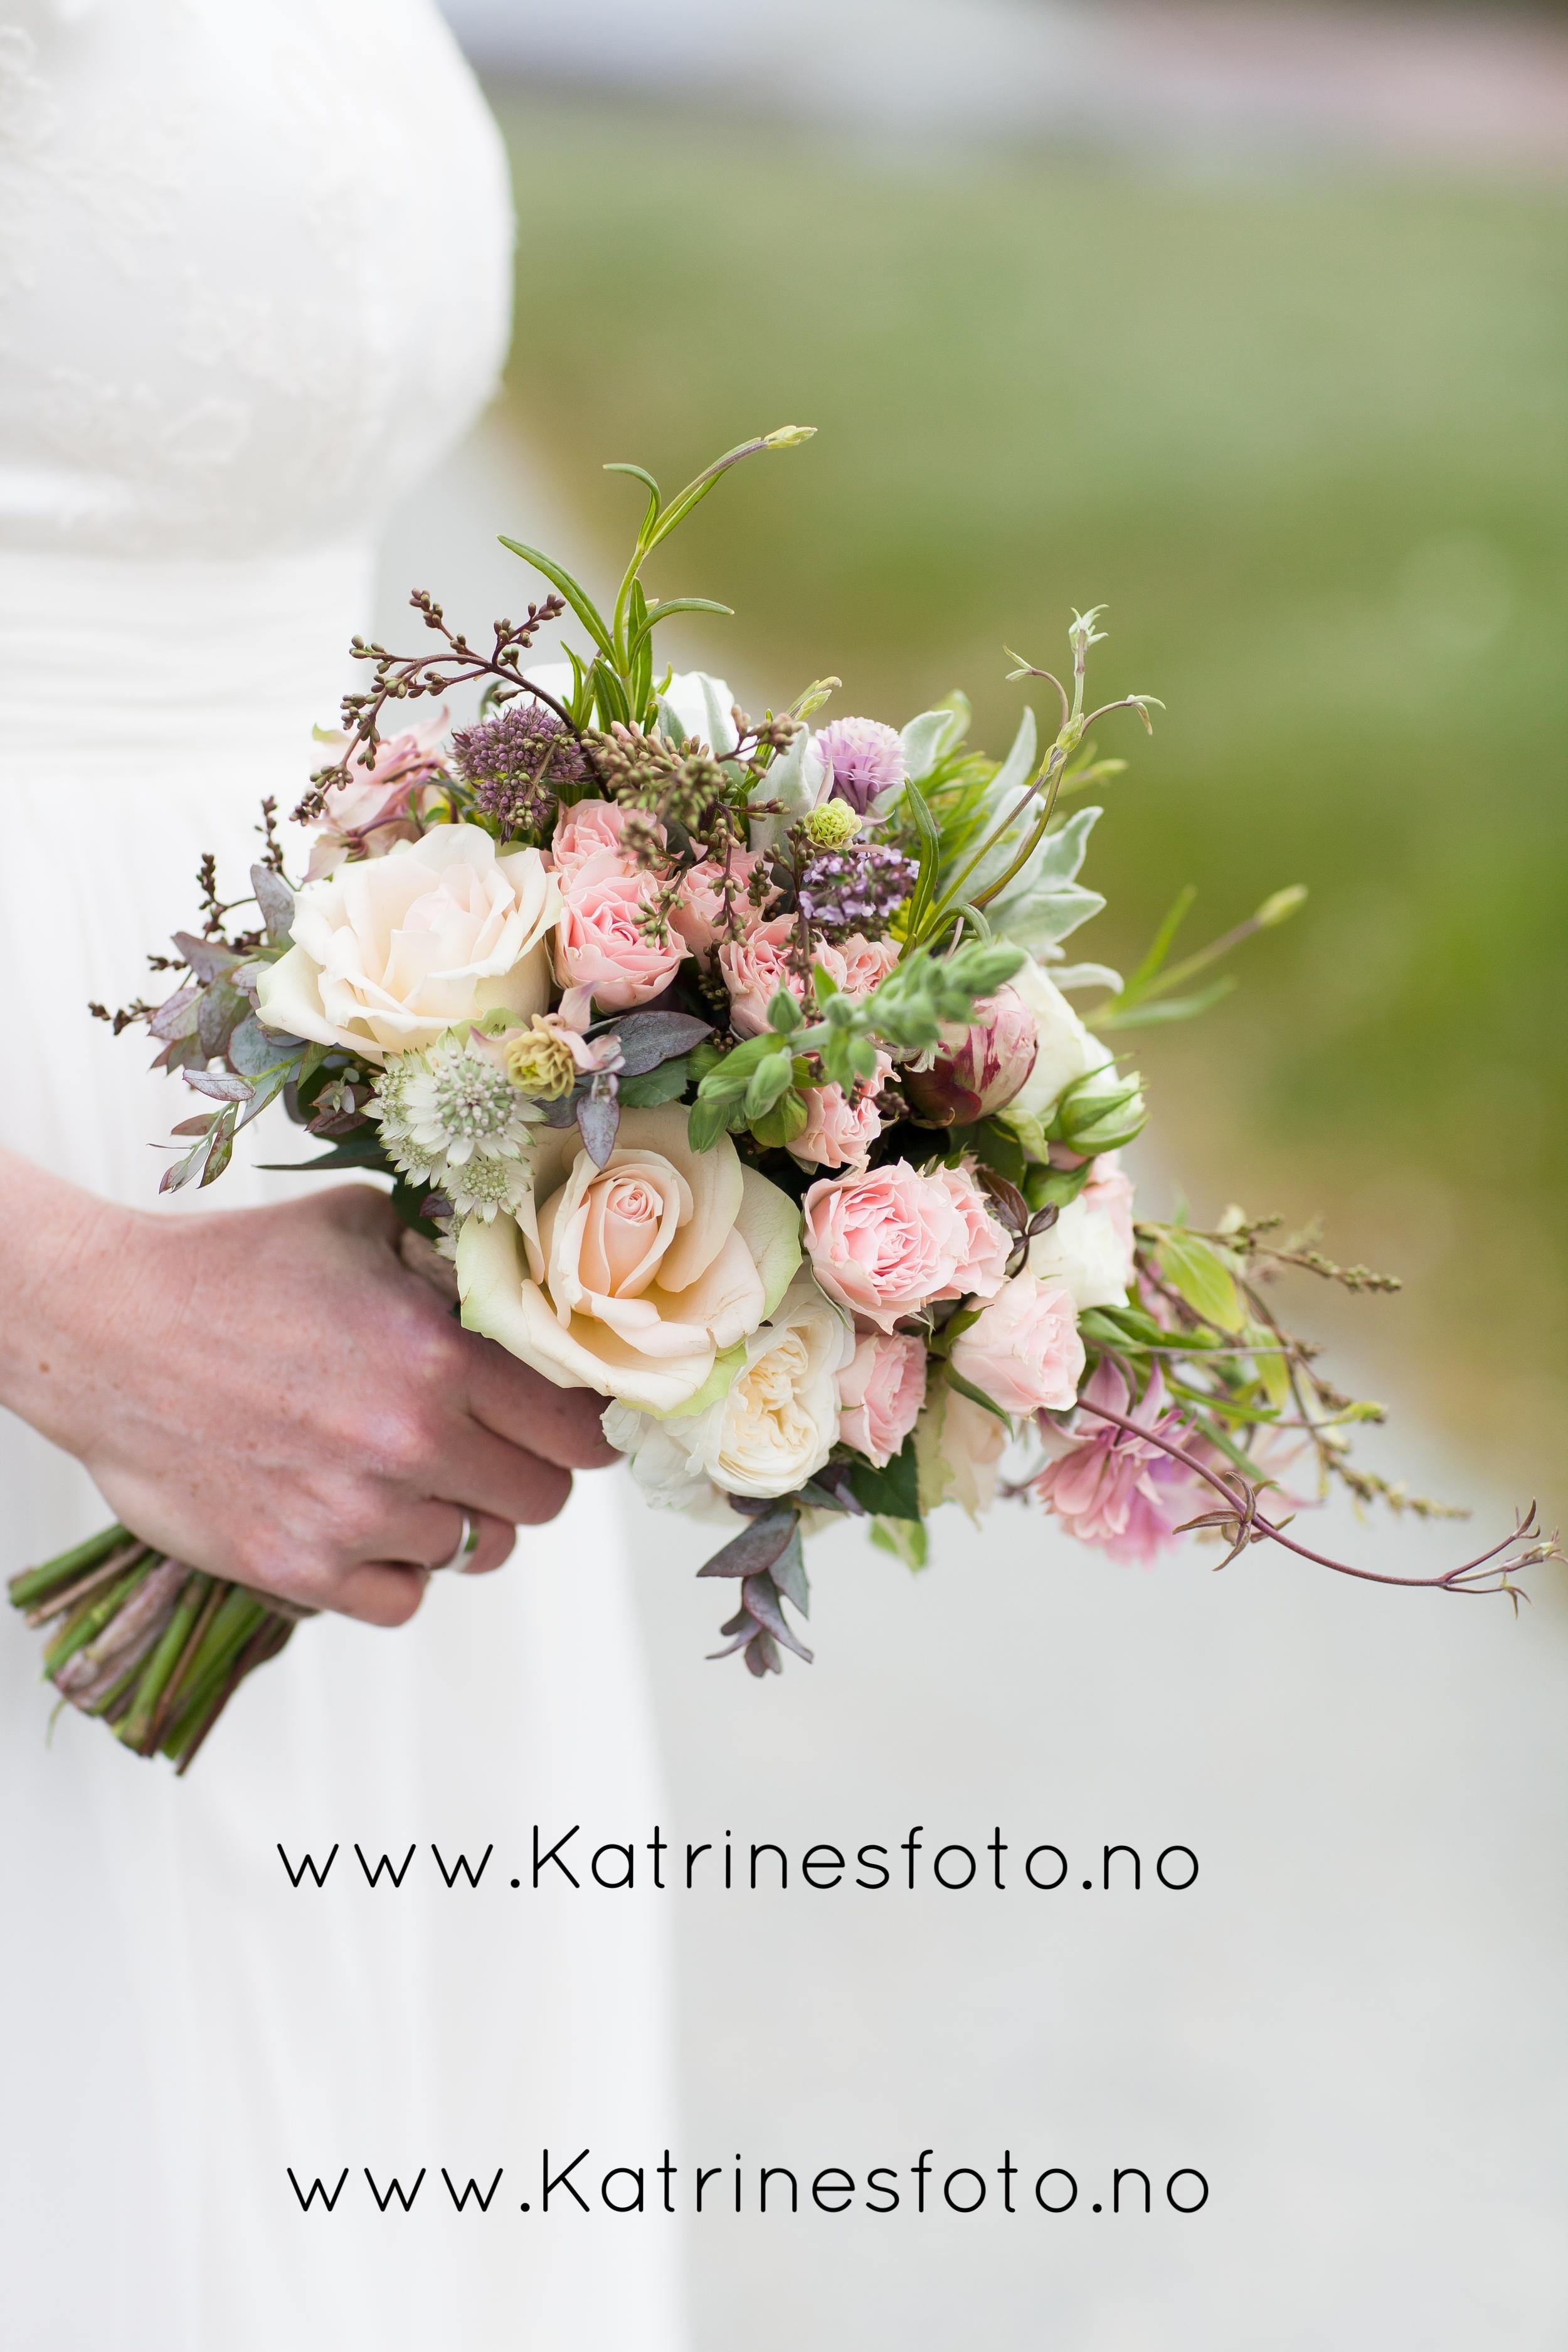 www.katrinesfoto.no